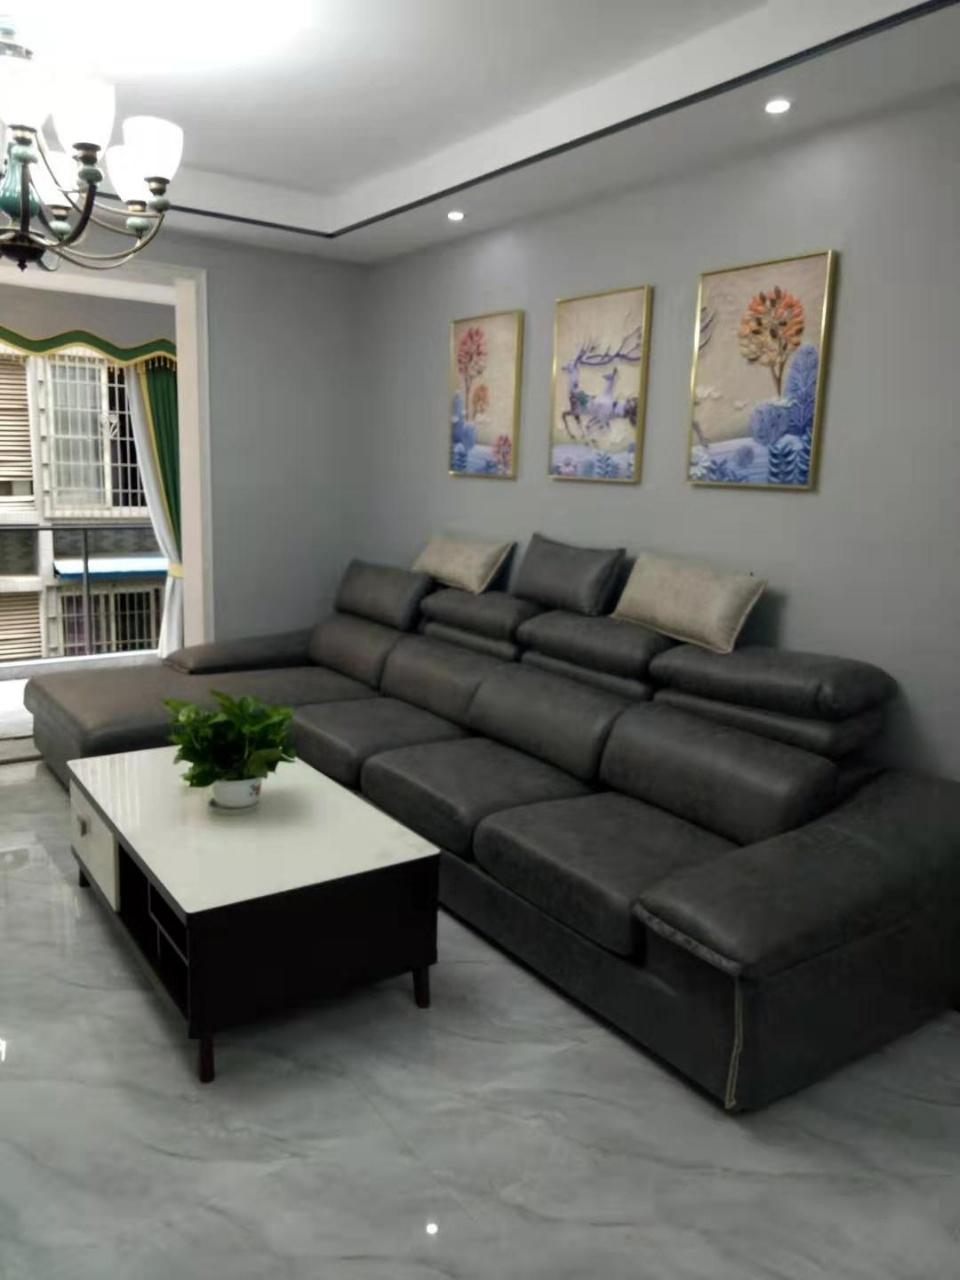 蓝桥翠锦3室 2厅 1卫78.8万元